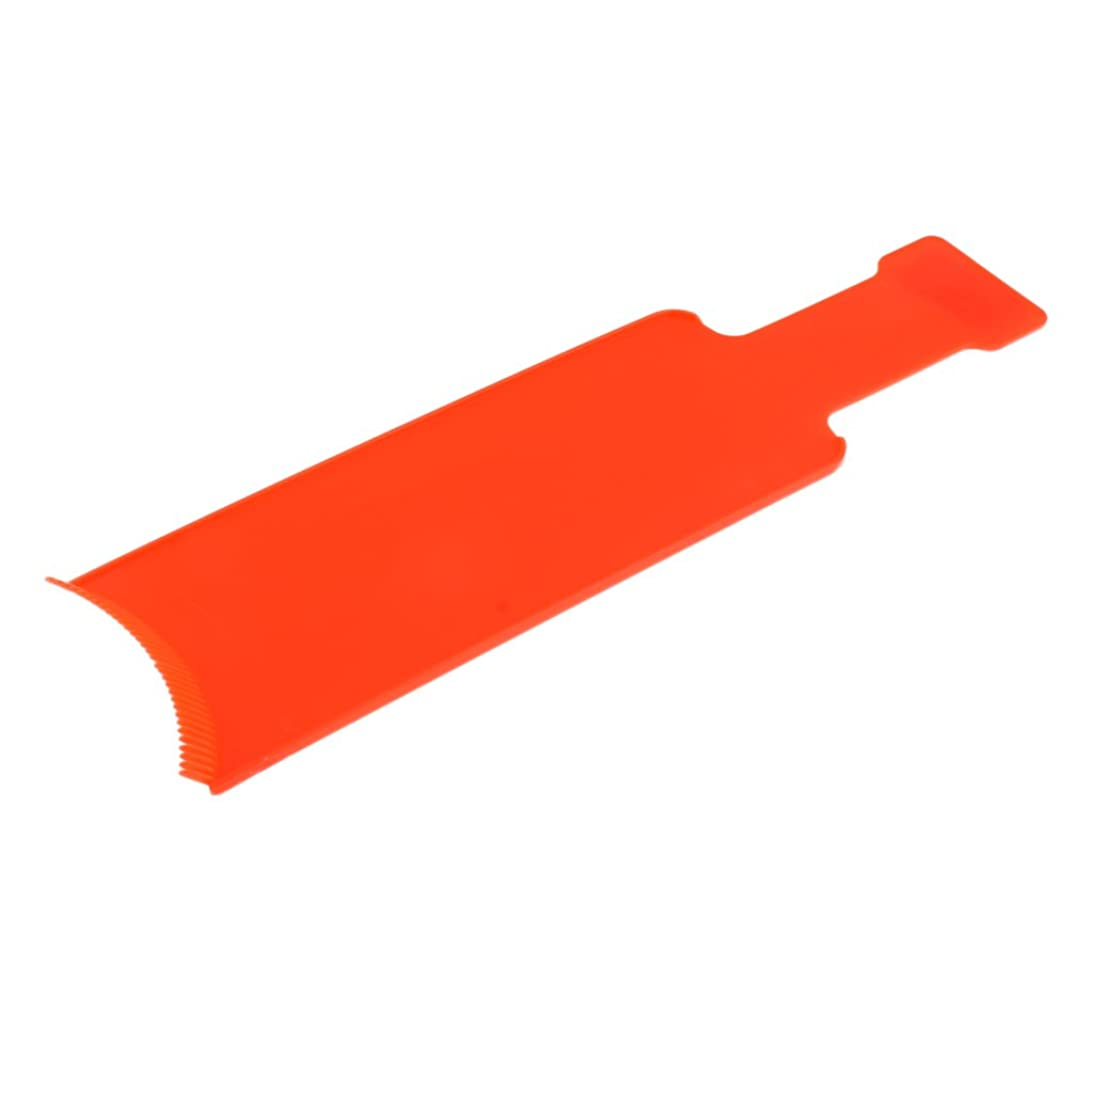 まあ参照する欠点Perfk 染色櫛プレート 染めボード ヘアカラー 櫛 着色ボード ヘアブラシ セルフヘルプ プロ 家庭用 2サイズ2色選べる - L, オレンジ